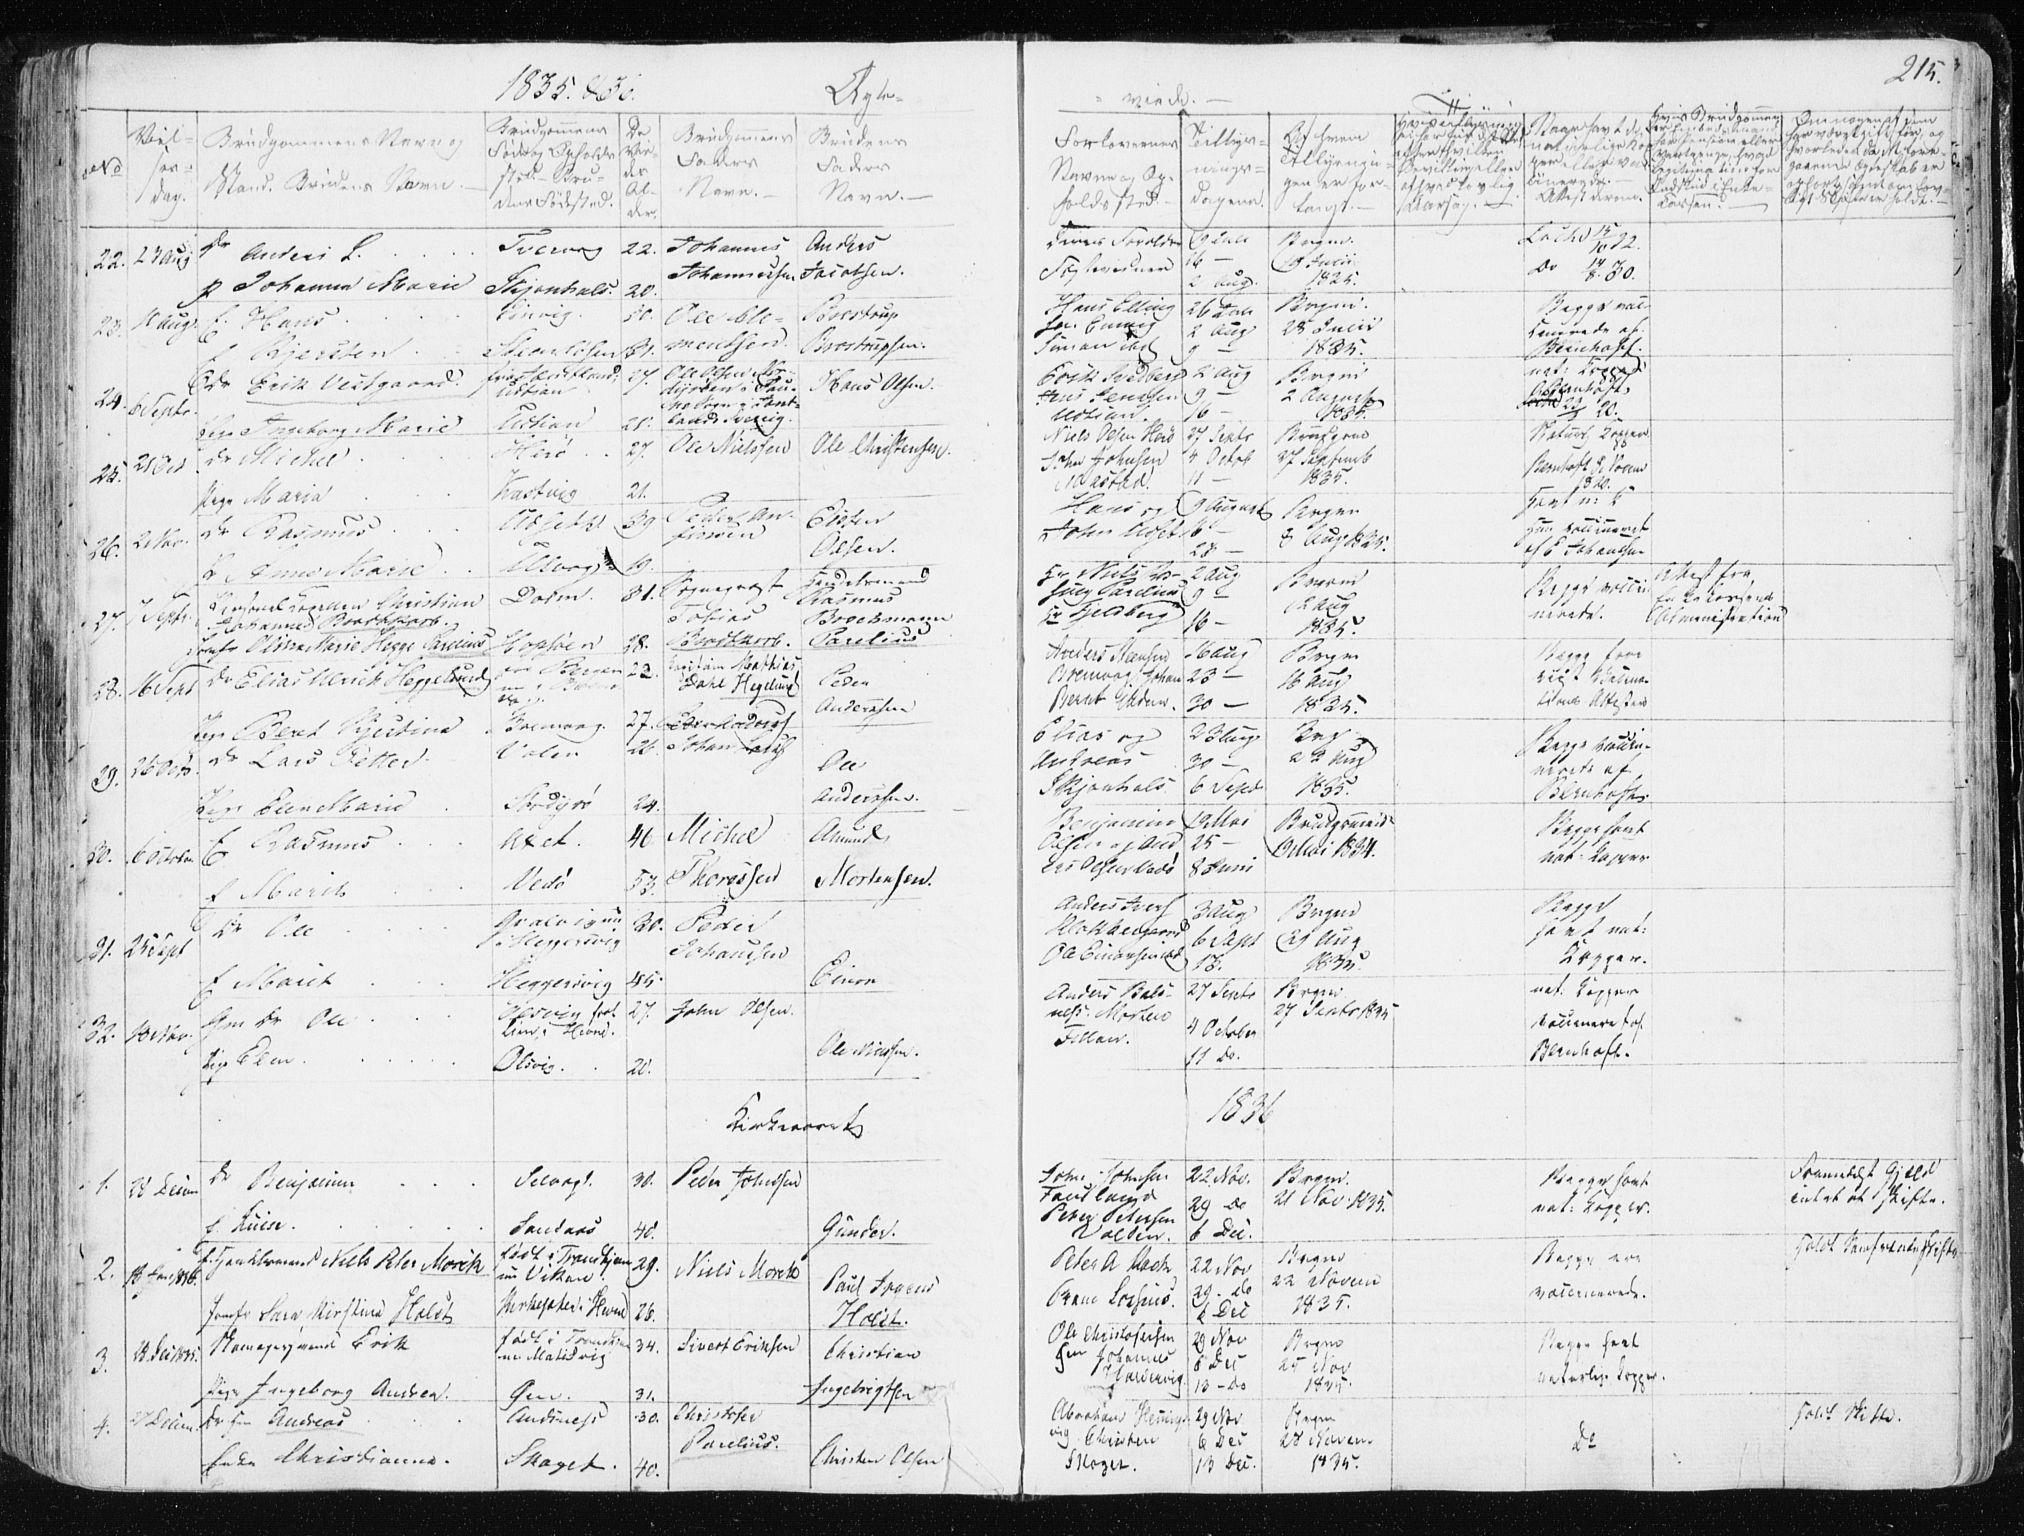 SAT, Ministerialprotokoller, klokkerbøker og fødselsregistre - Sør-Trøndelag, 634/L0528: Ministerialbok nr. 634A04, 1827-1842, s. 215